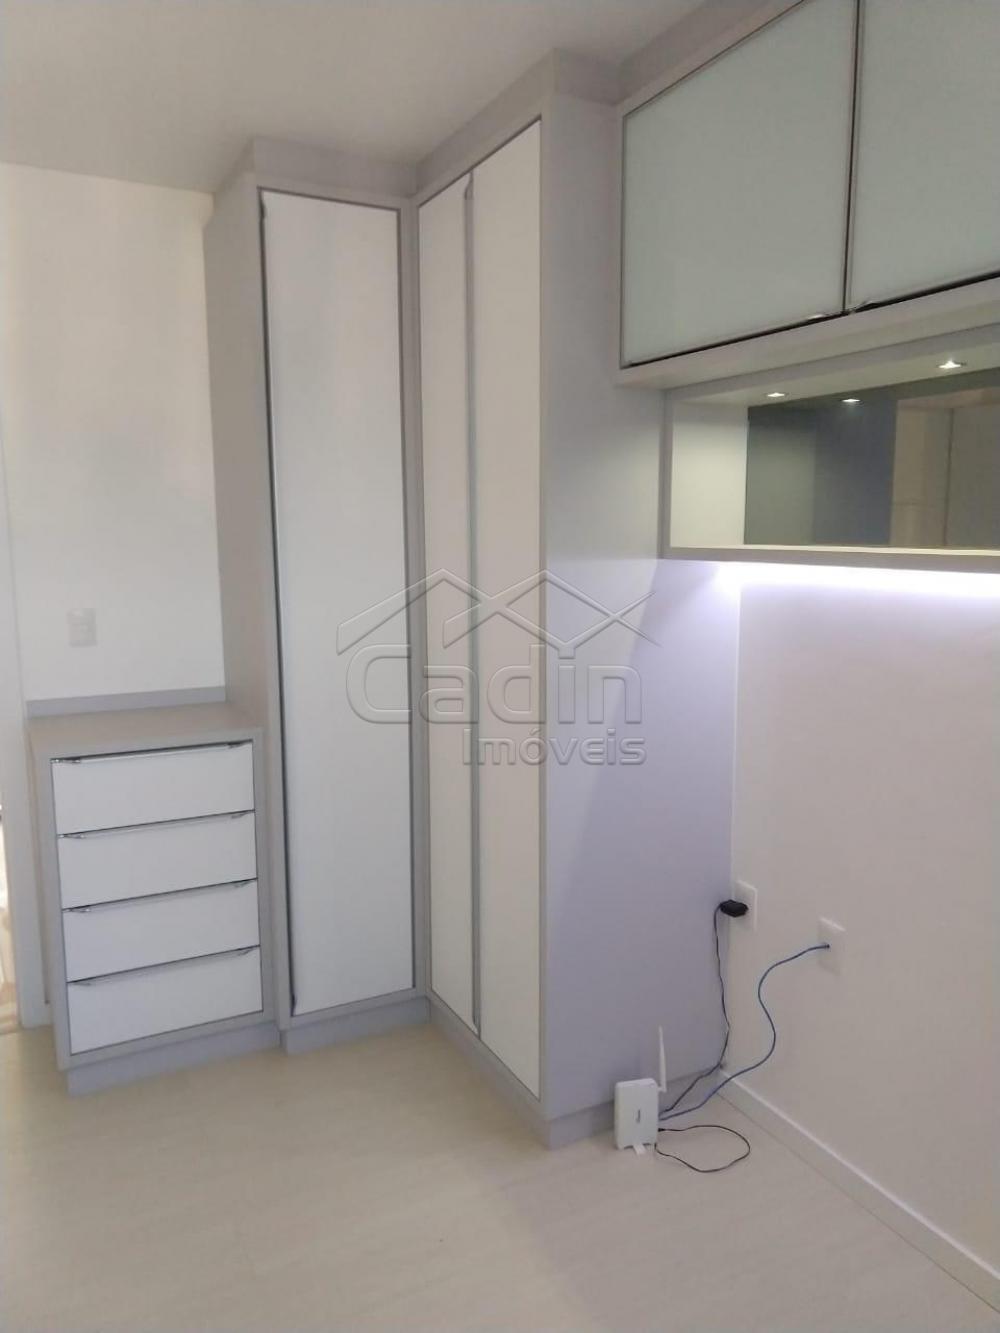 Comprar Apartamento / Padrão em Navegantes R$ 630.000,00 - Foto 14